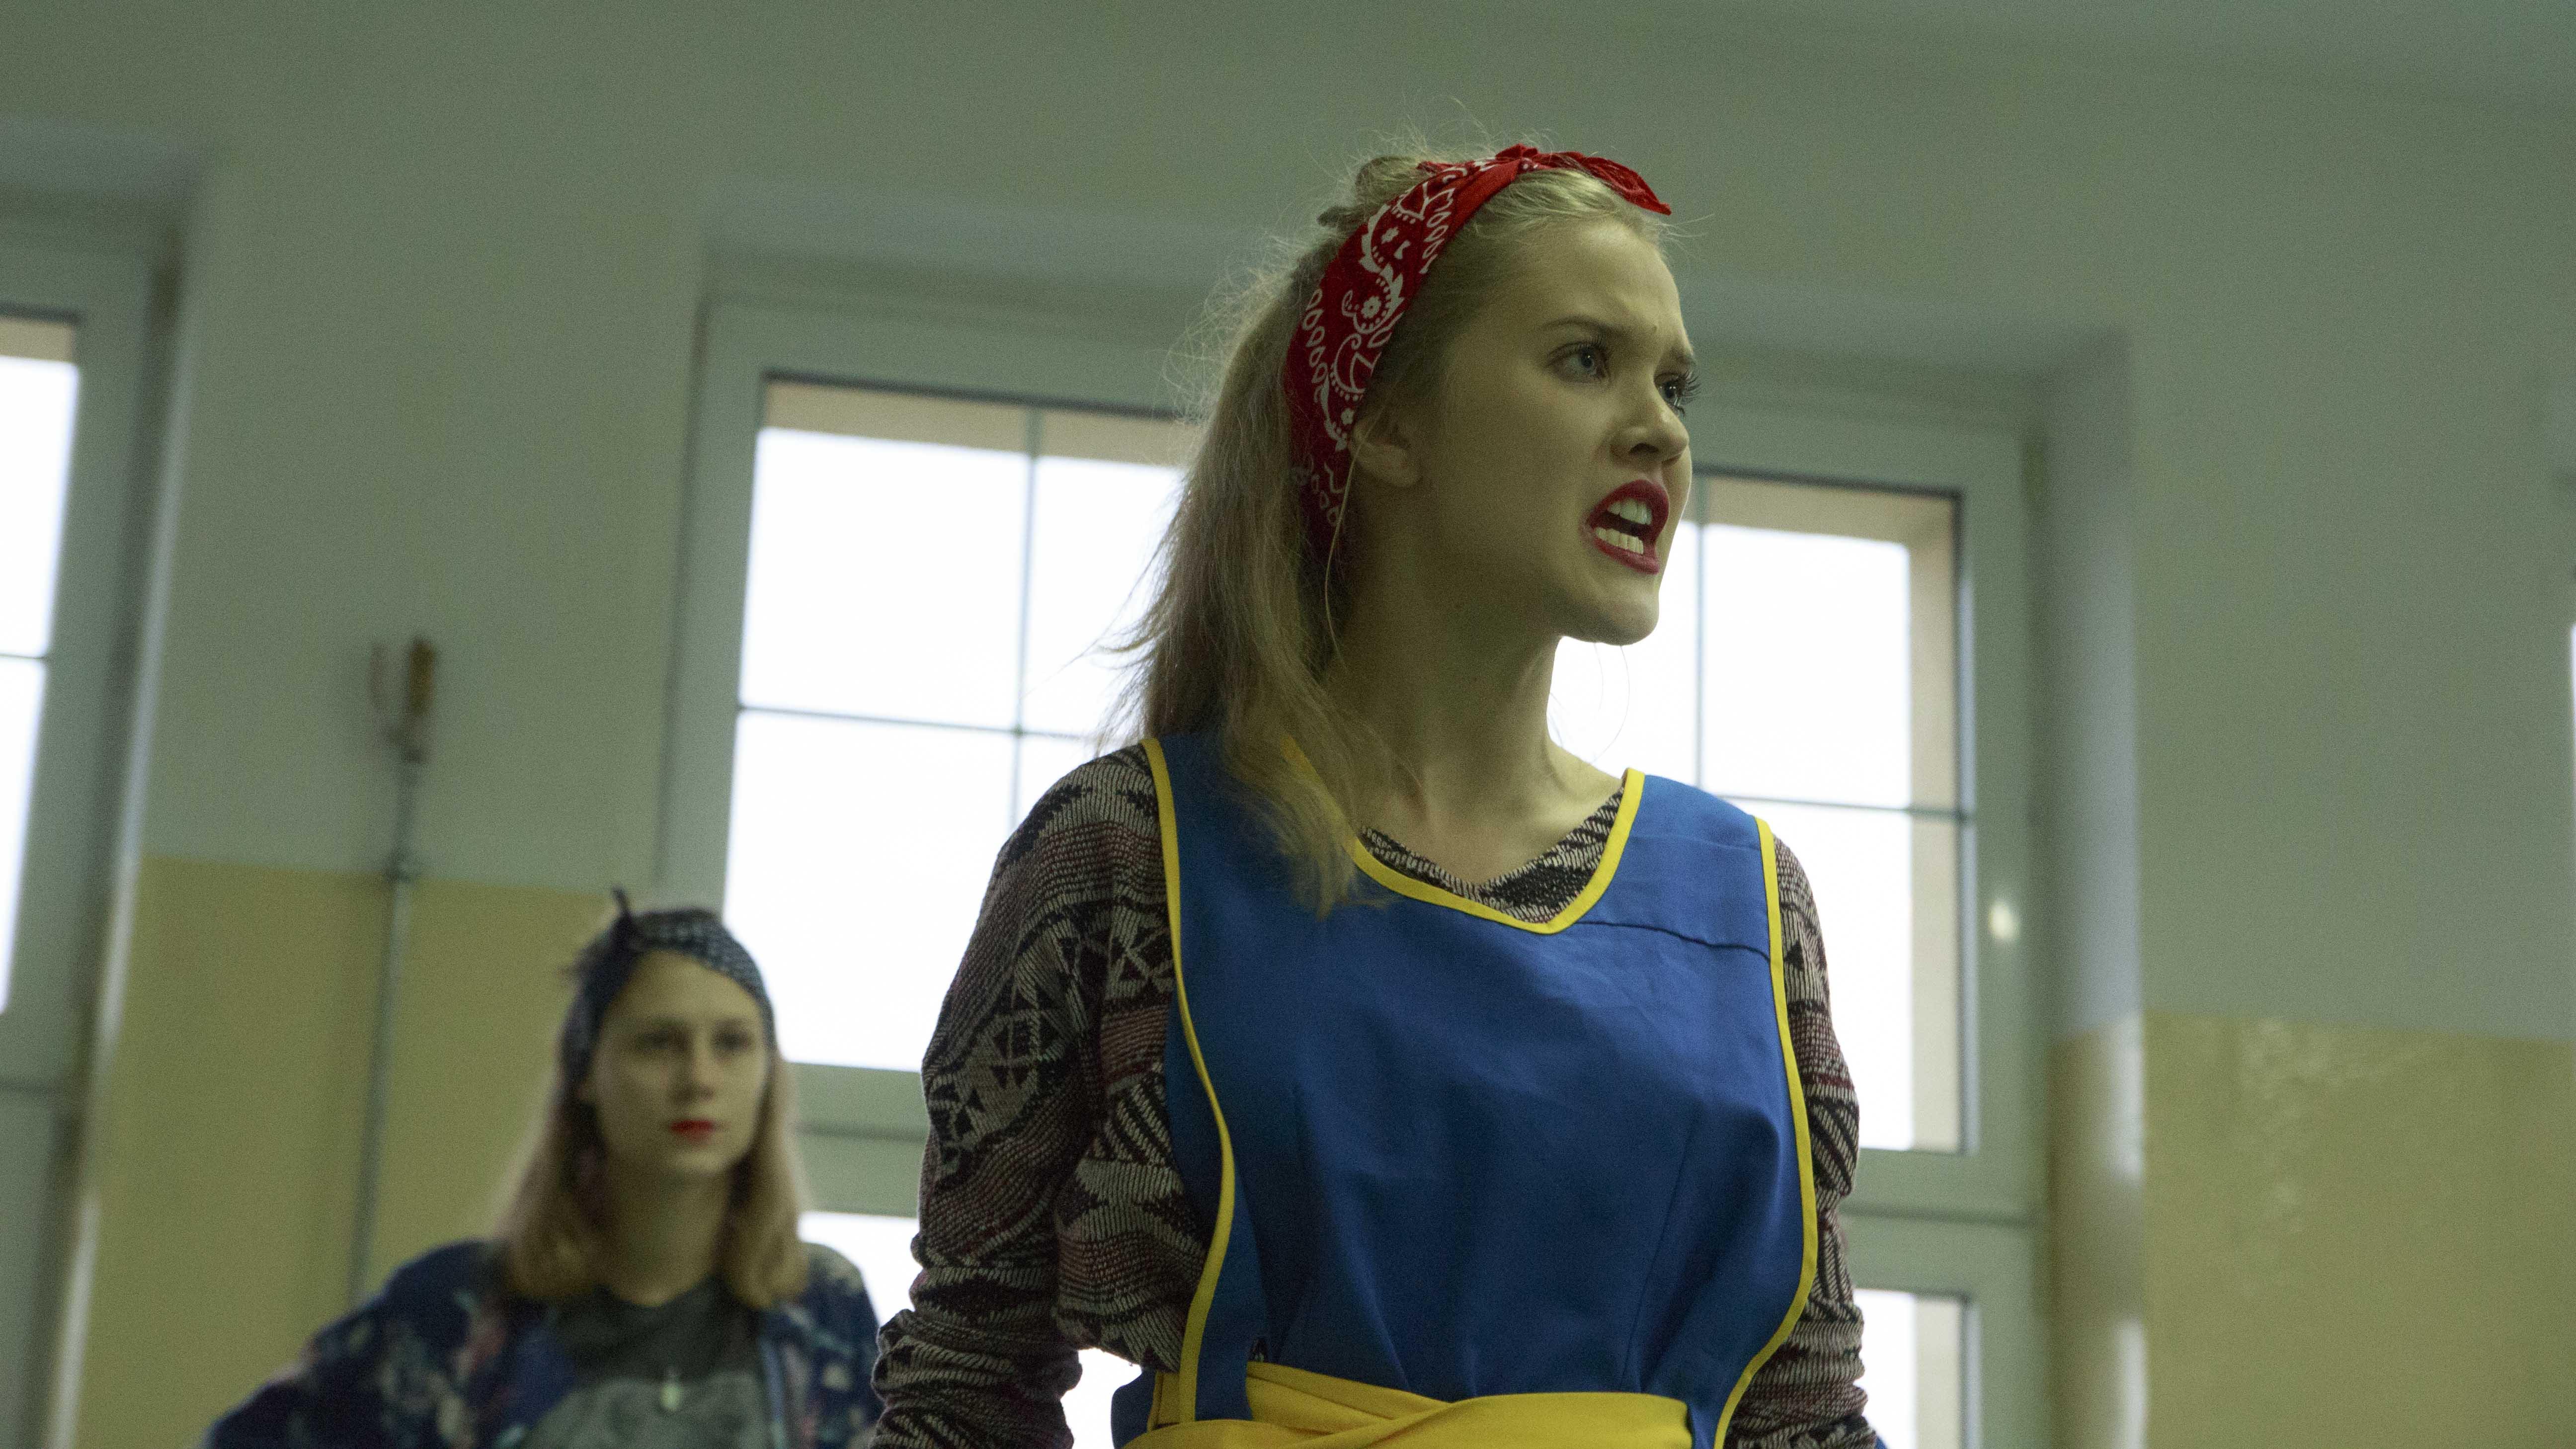 zdjęcie z projektu Dźwięczące wieżowce. Aktorka w niebieskim fartuchu i z czerwoną bandamką na głowie.